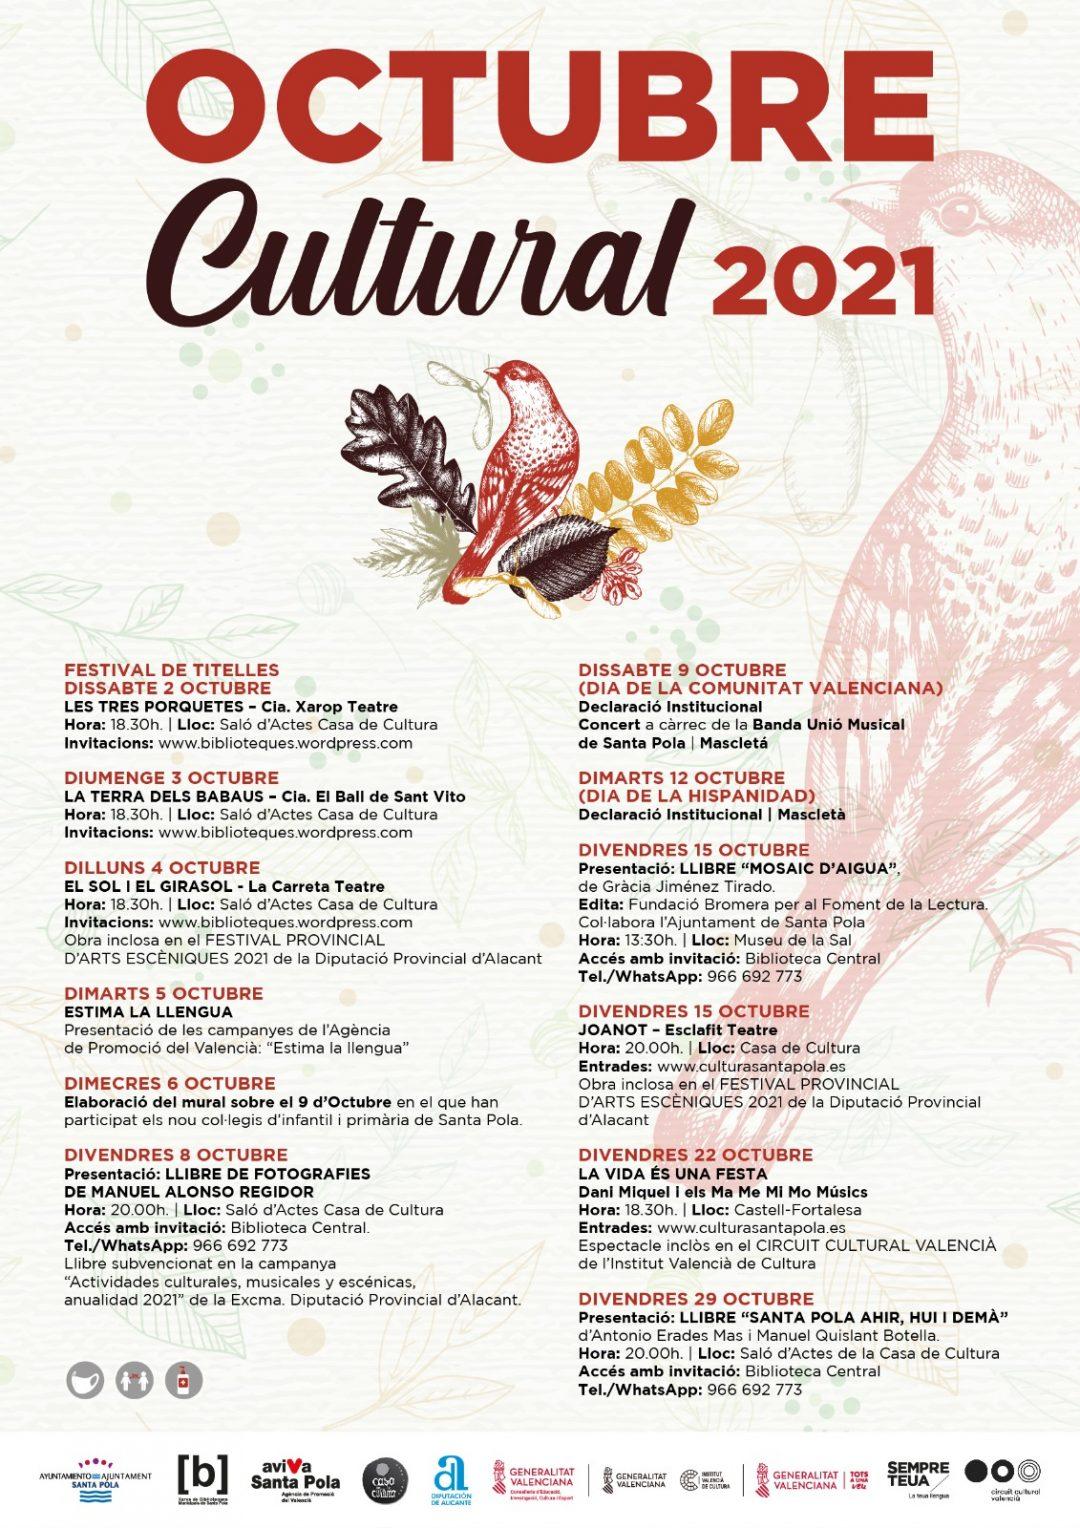 Octubre Cultural 2021